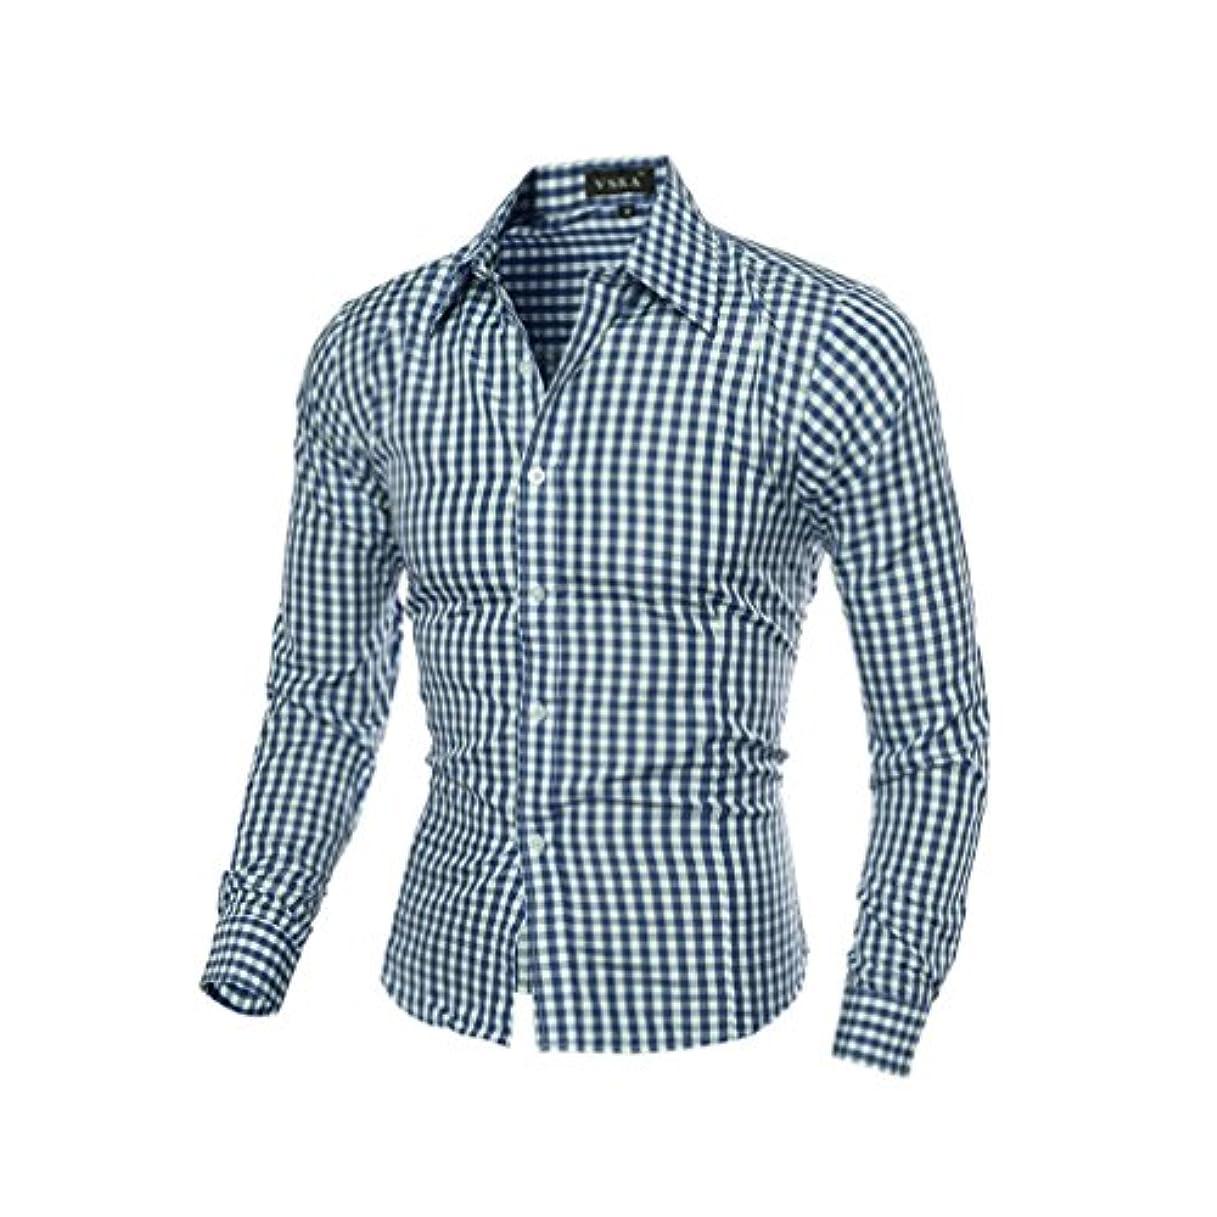 飾り羽インスタンス船形Honghu メンズ シャツ 長袖 6色 スリム チェック柄 グリーン M 1PC